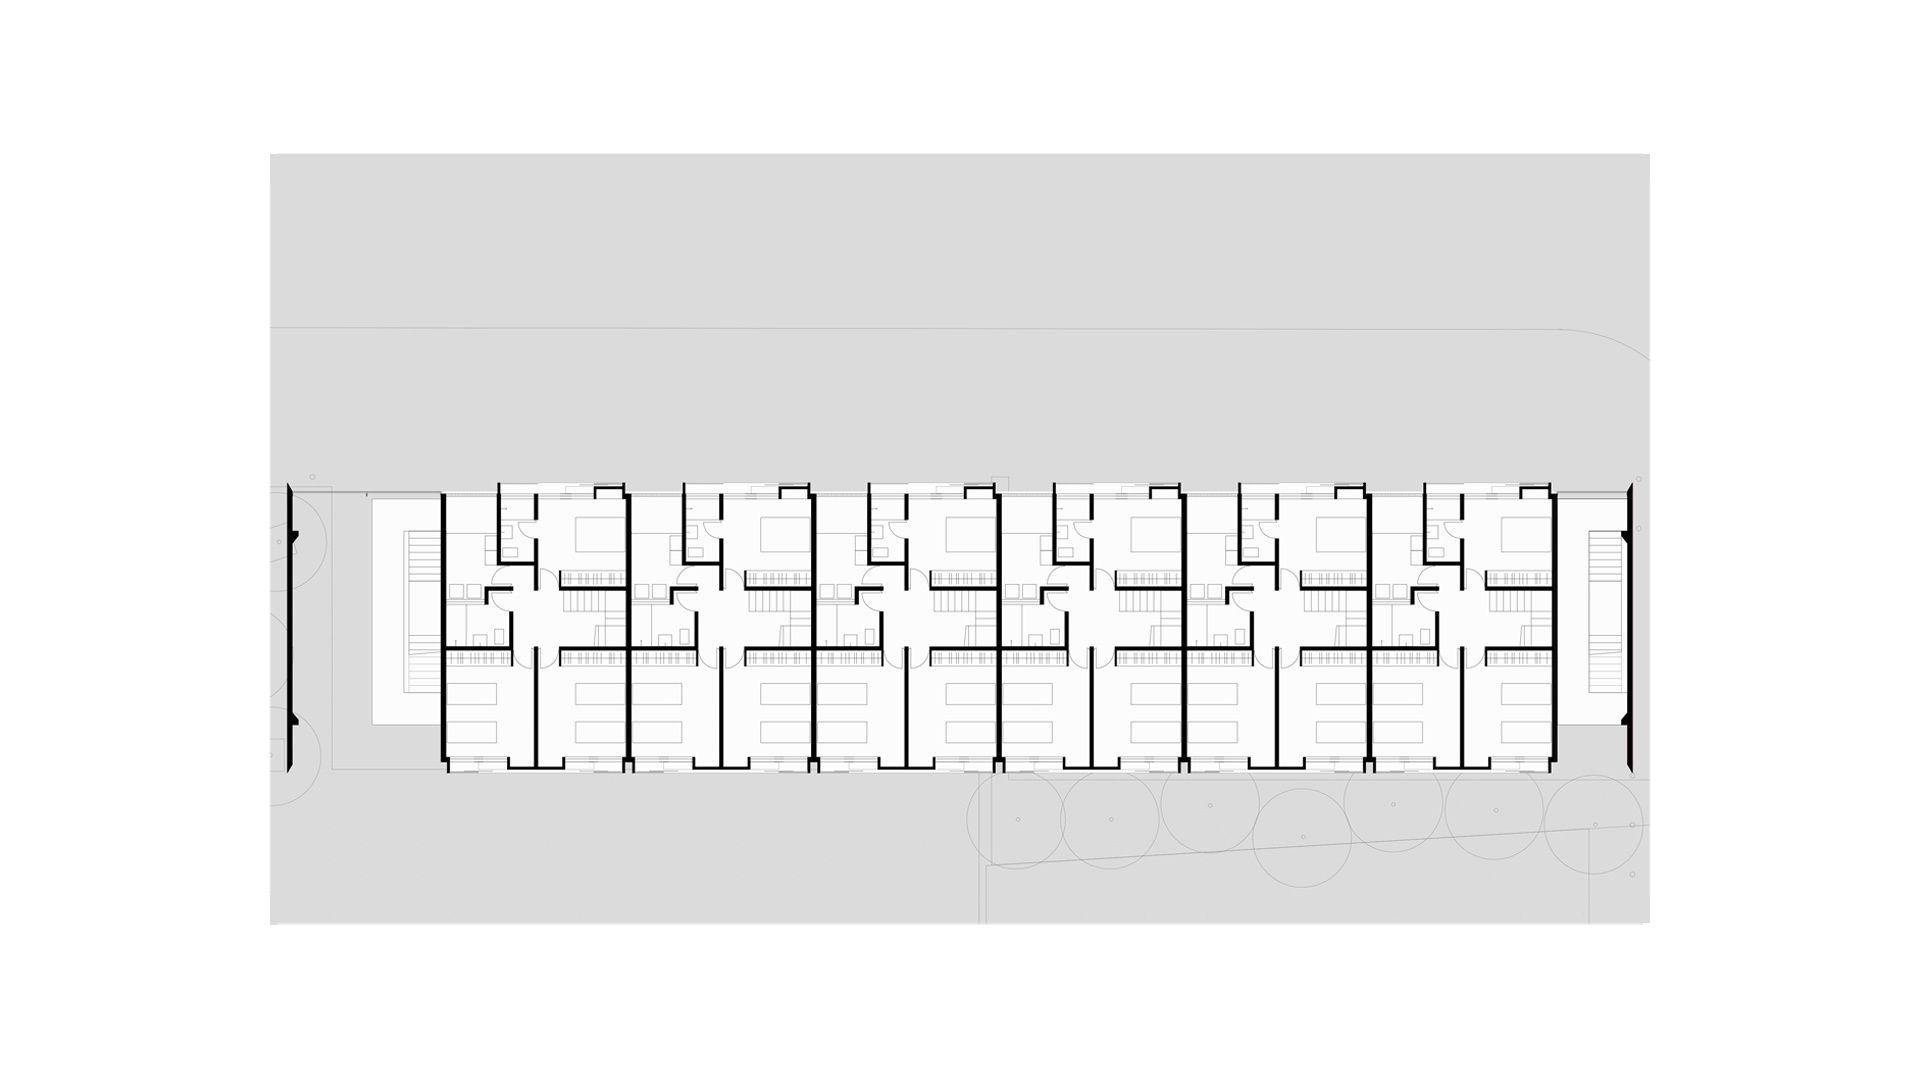 habitacao-em-caracas-unid-leste-modulo-duplex-1-pav